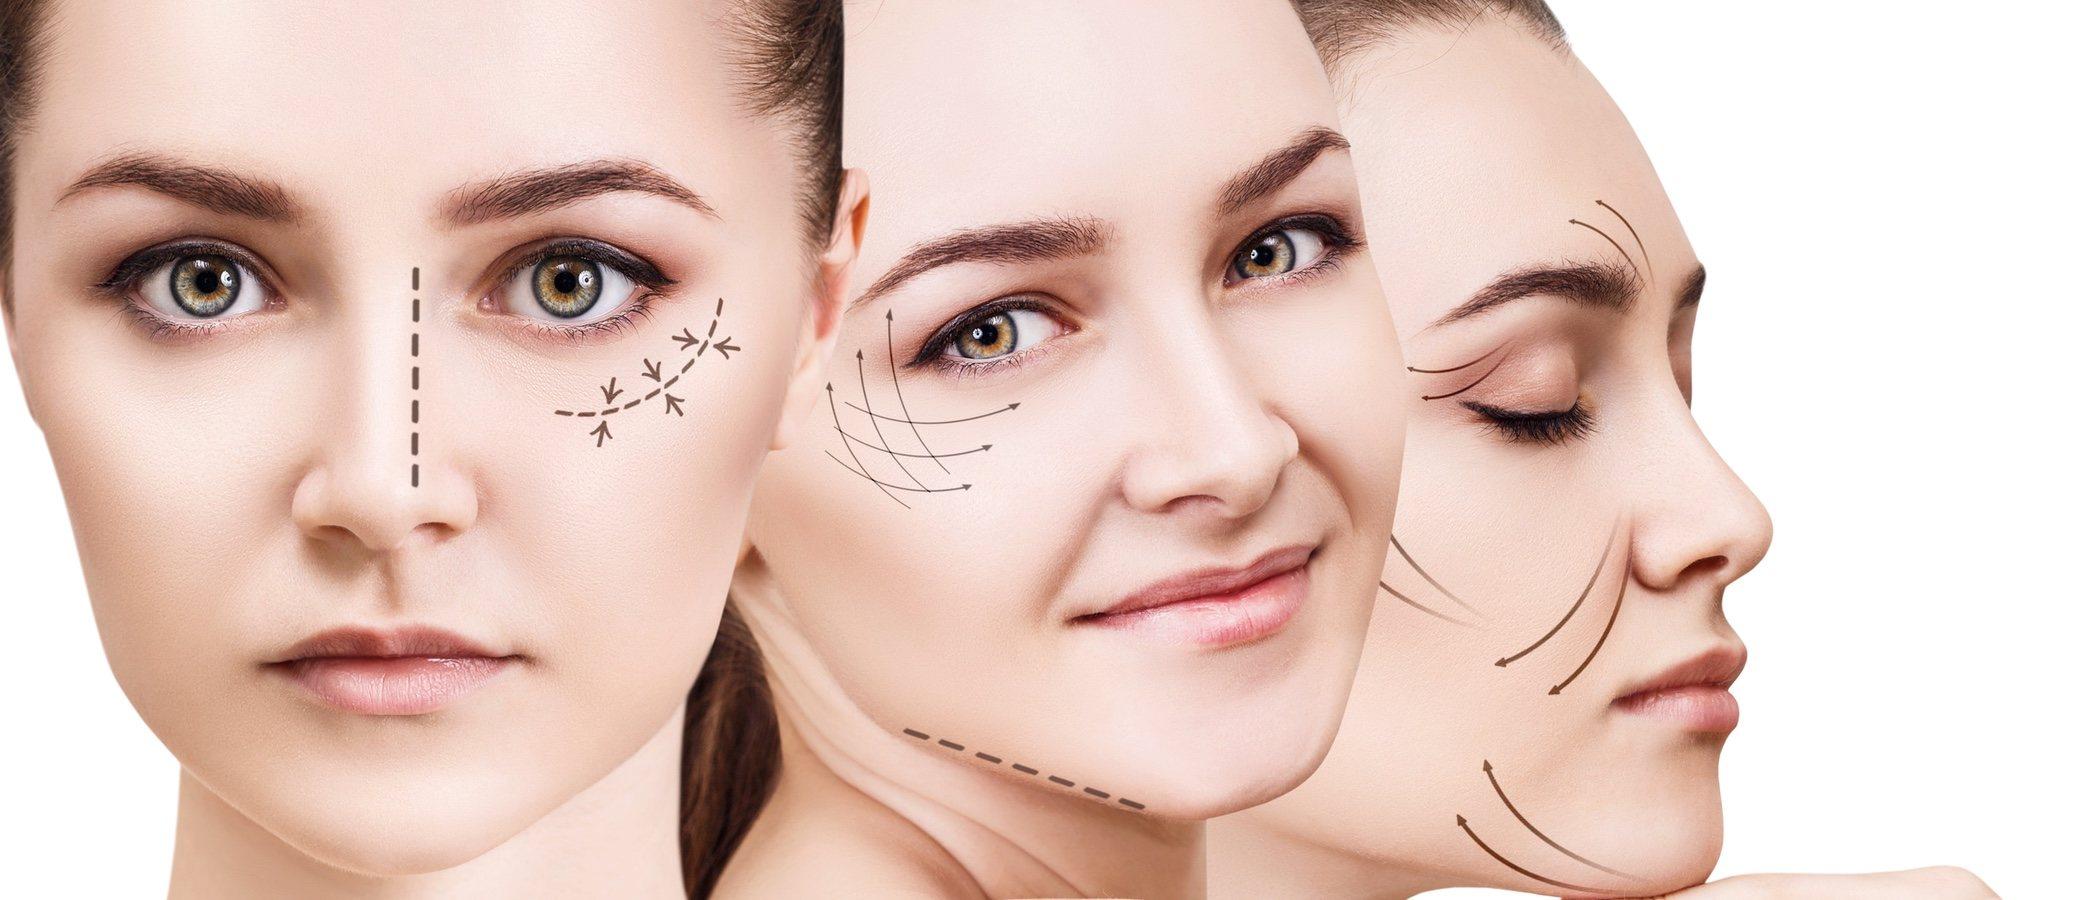 Cirugía estética: ¿cuánto cuesta operarse?